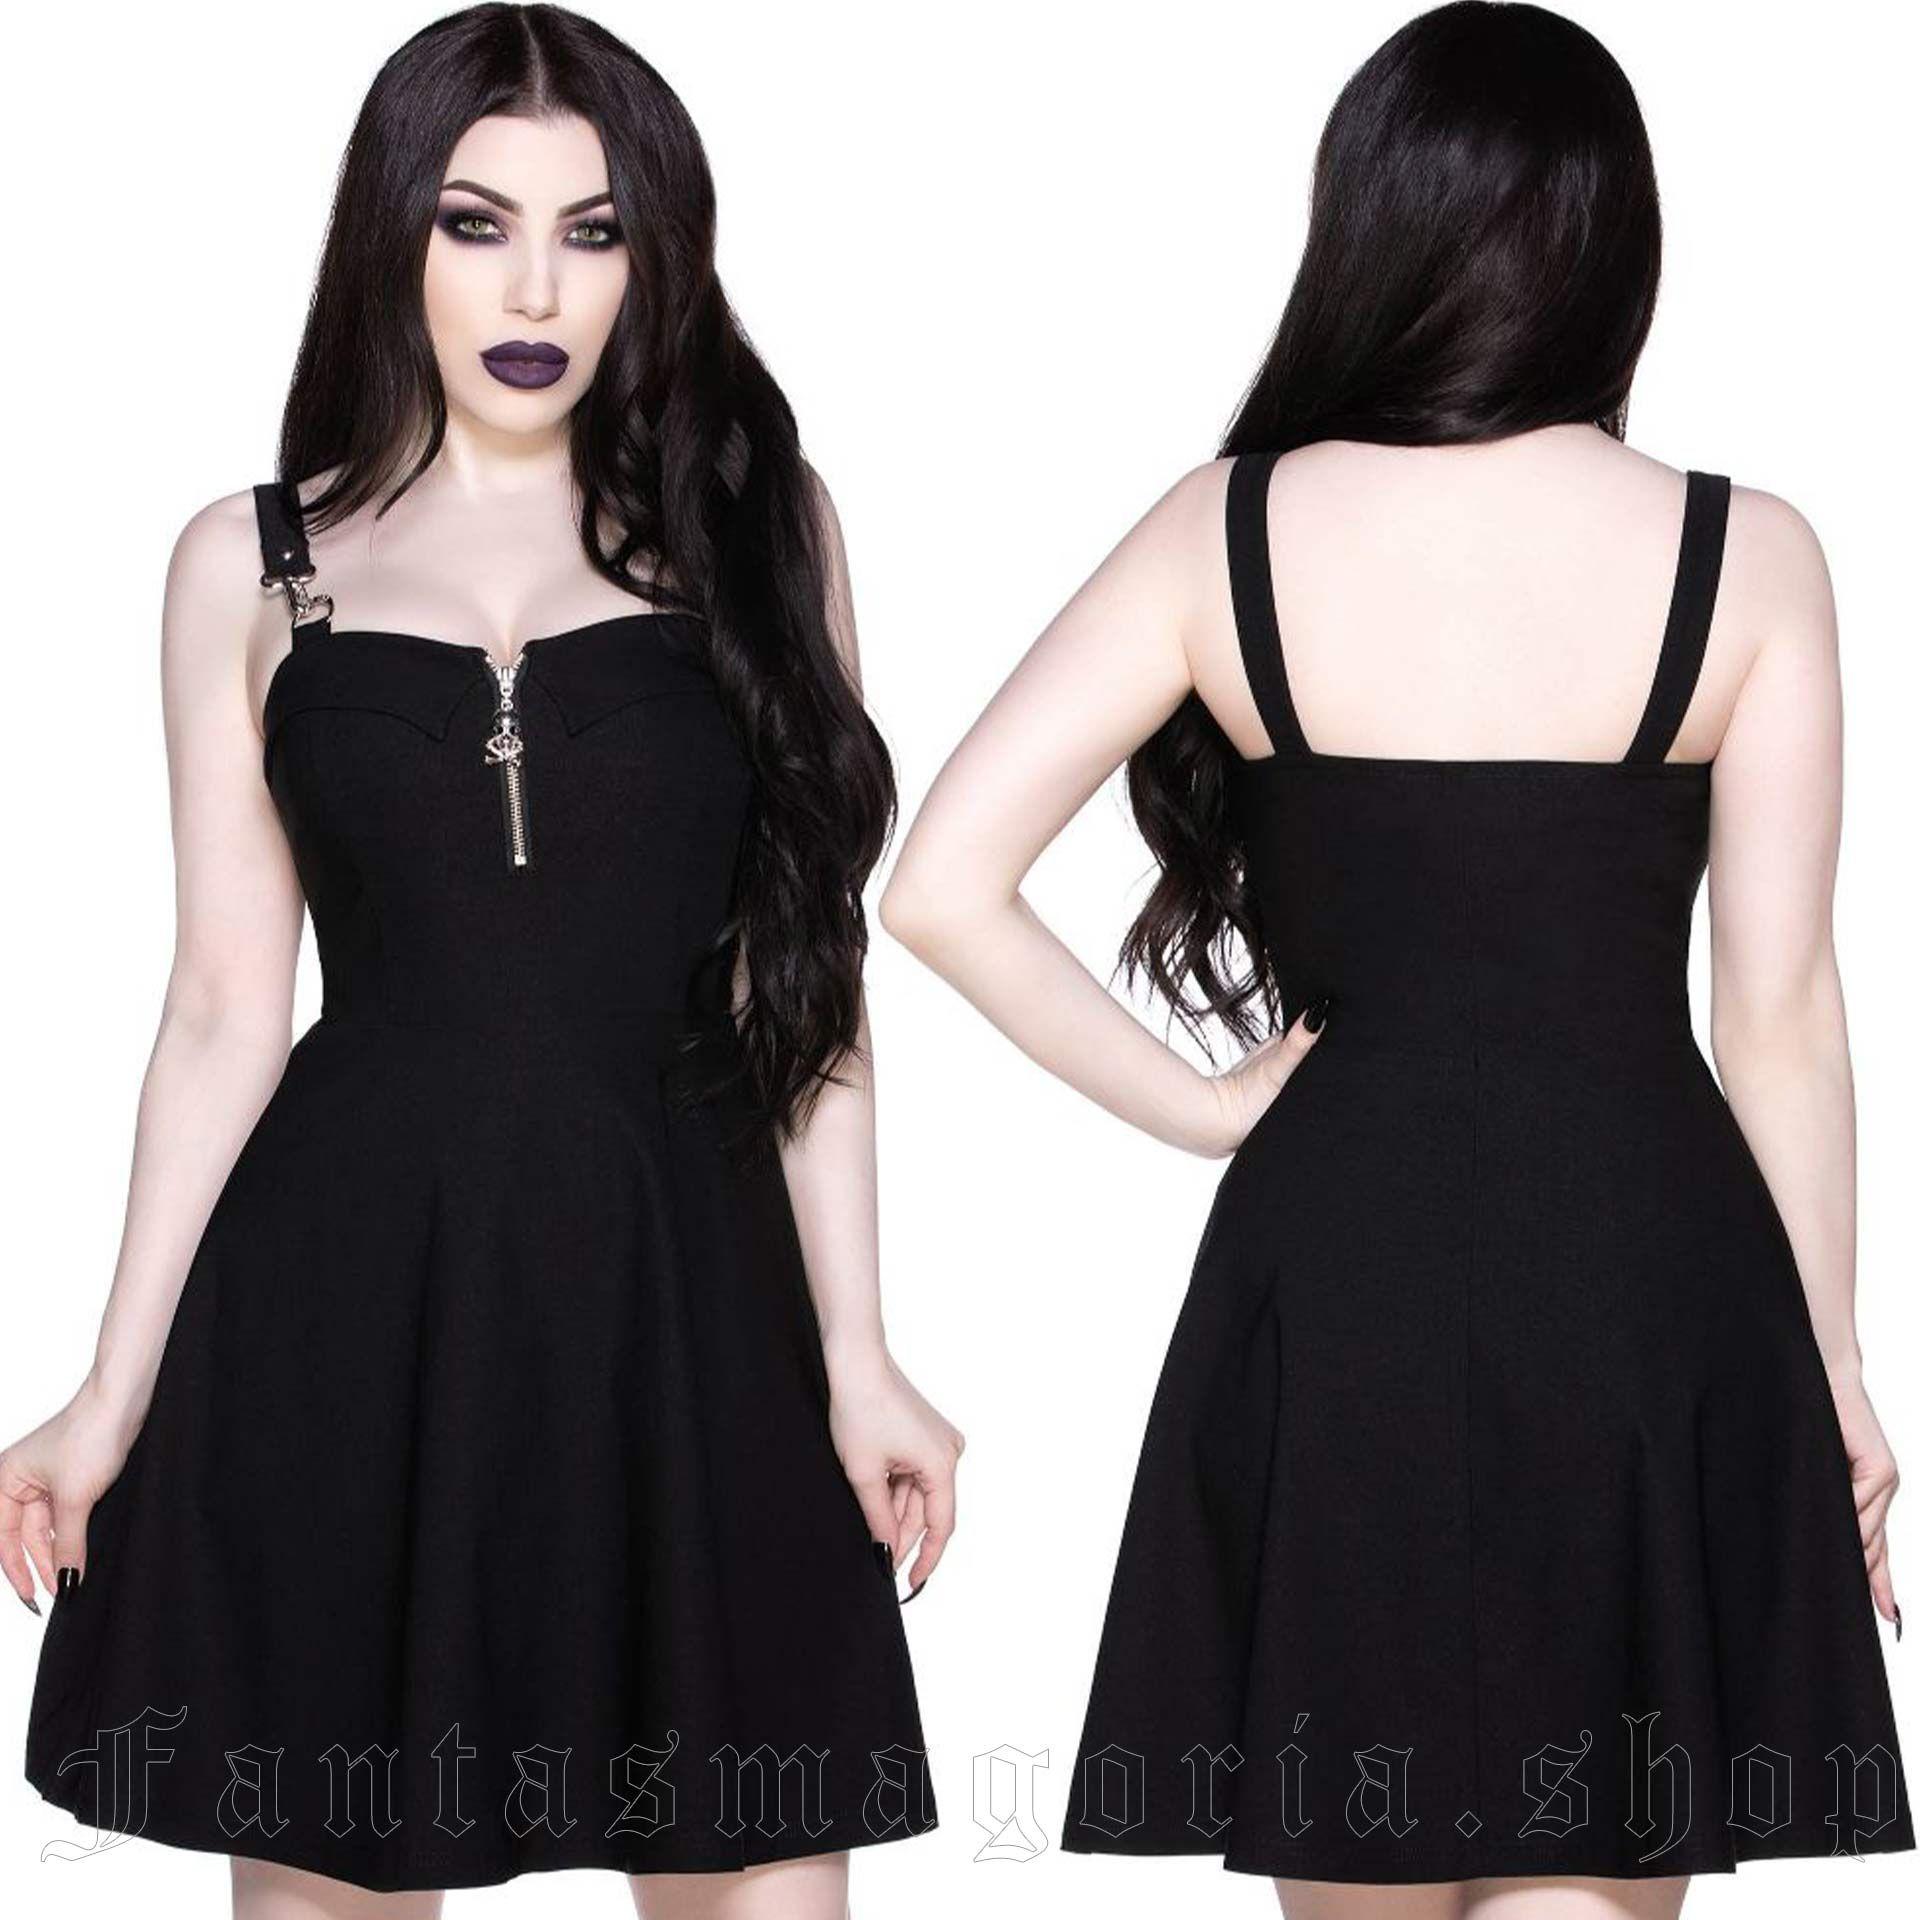 women's Wild Side Black Skater Dress by KILLSTAR brand, code: KSRA002925